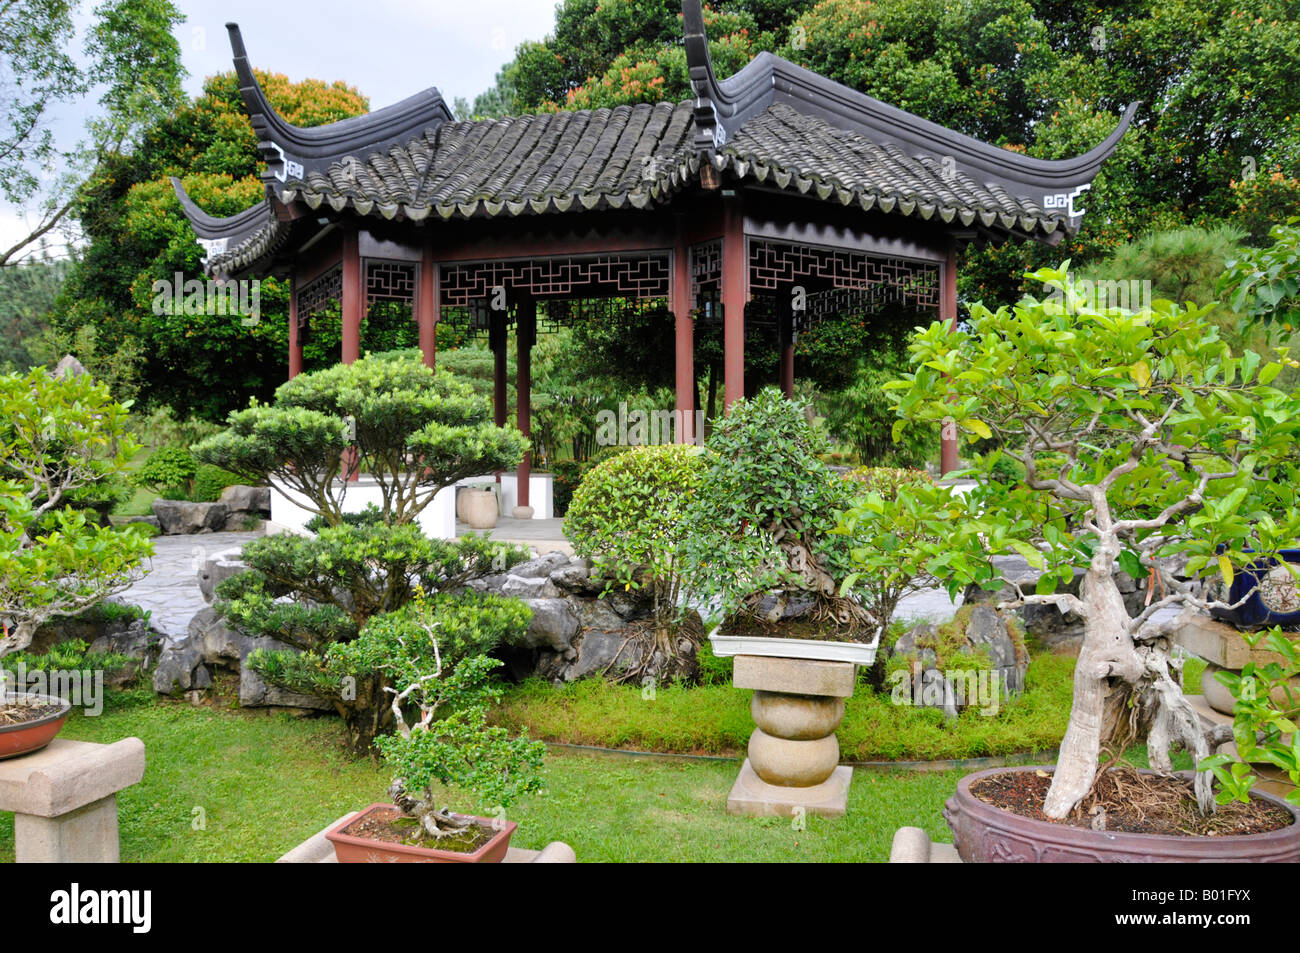 Bonsai baum garten  Bonsai-Baum-Garten in der chinesischen und japanischen Gärten in ...